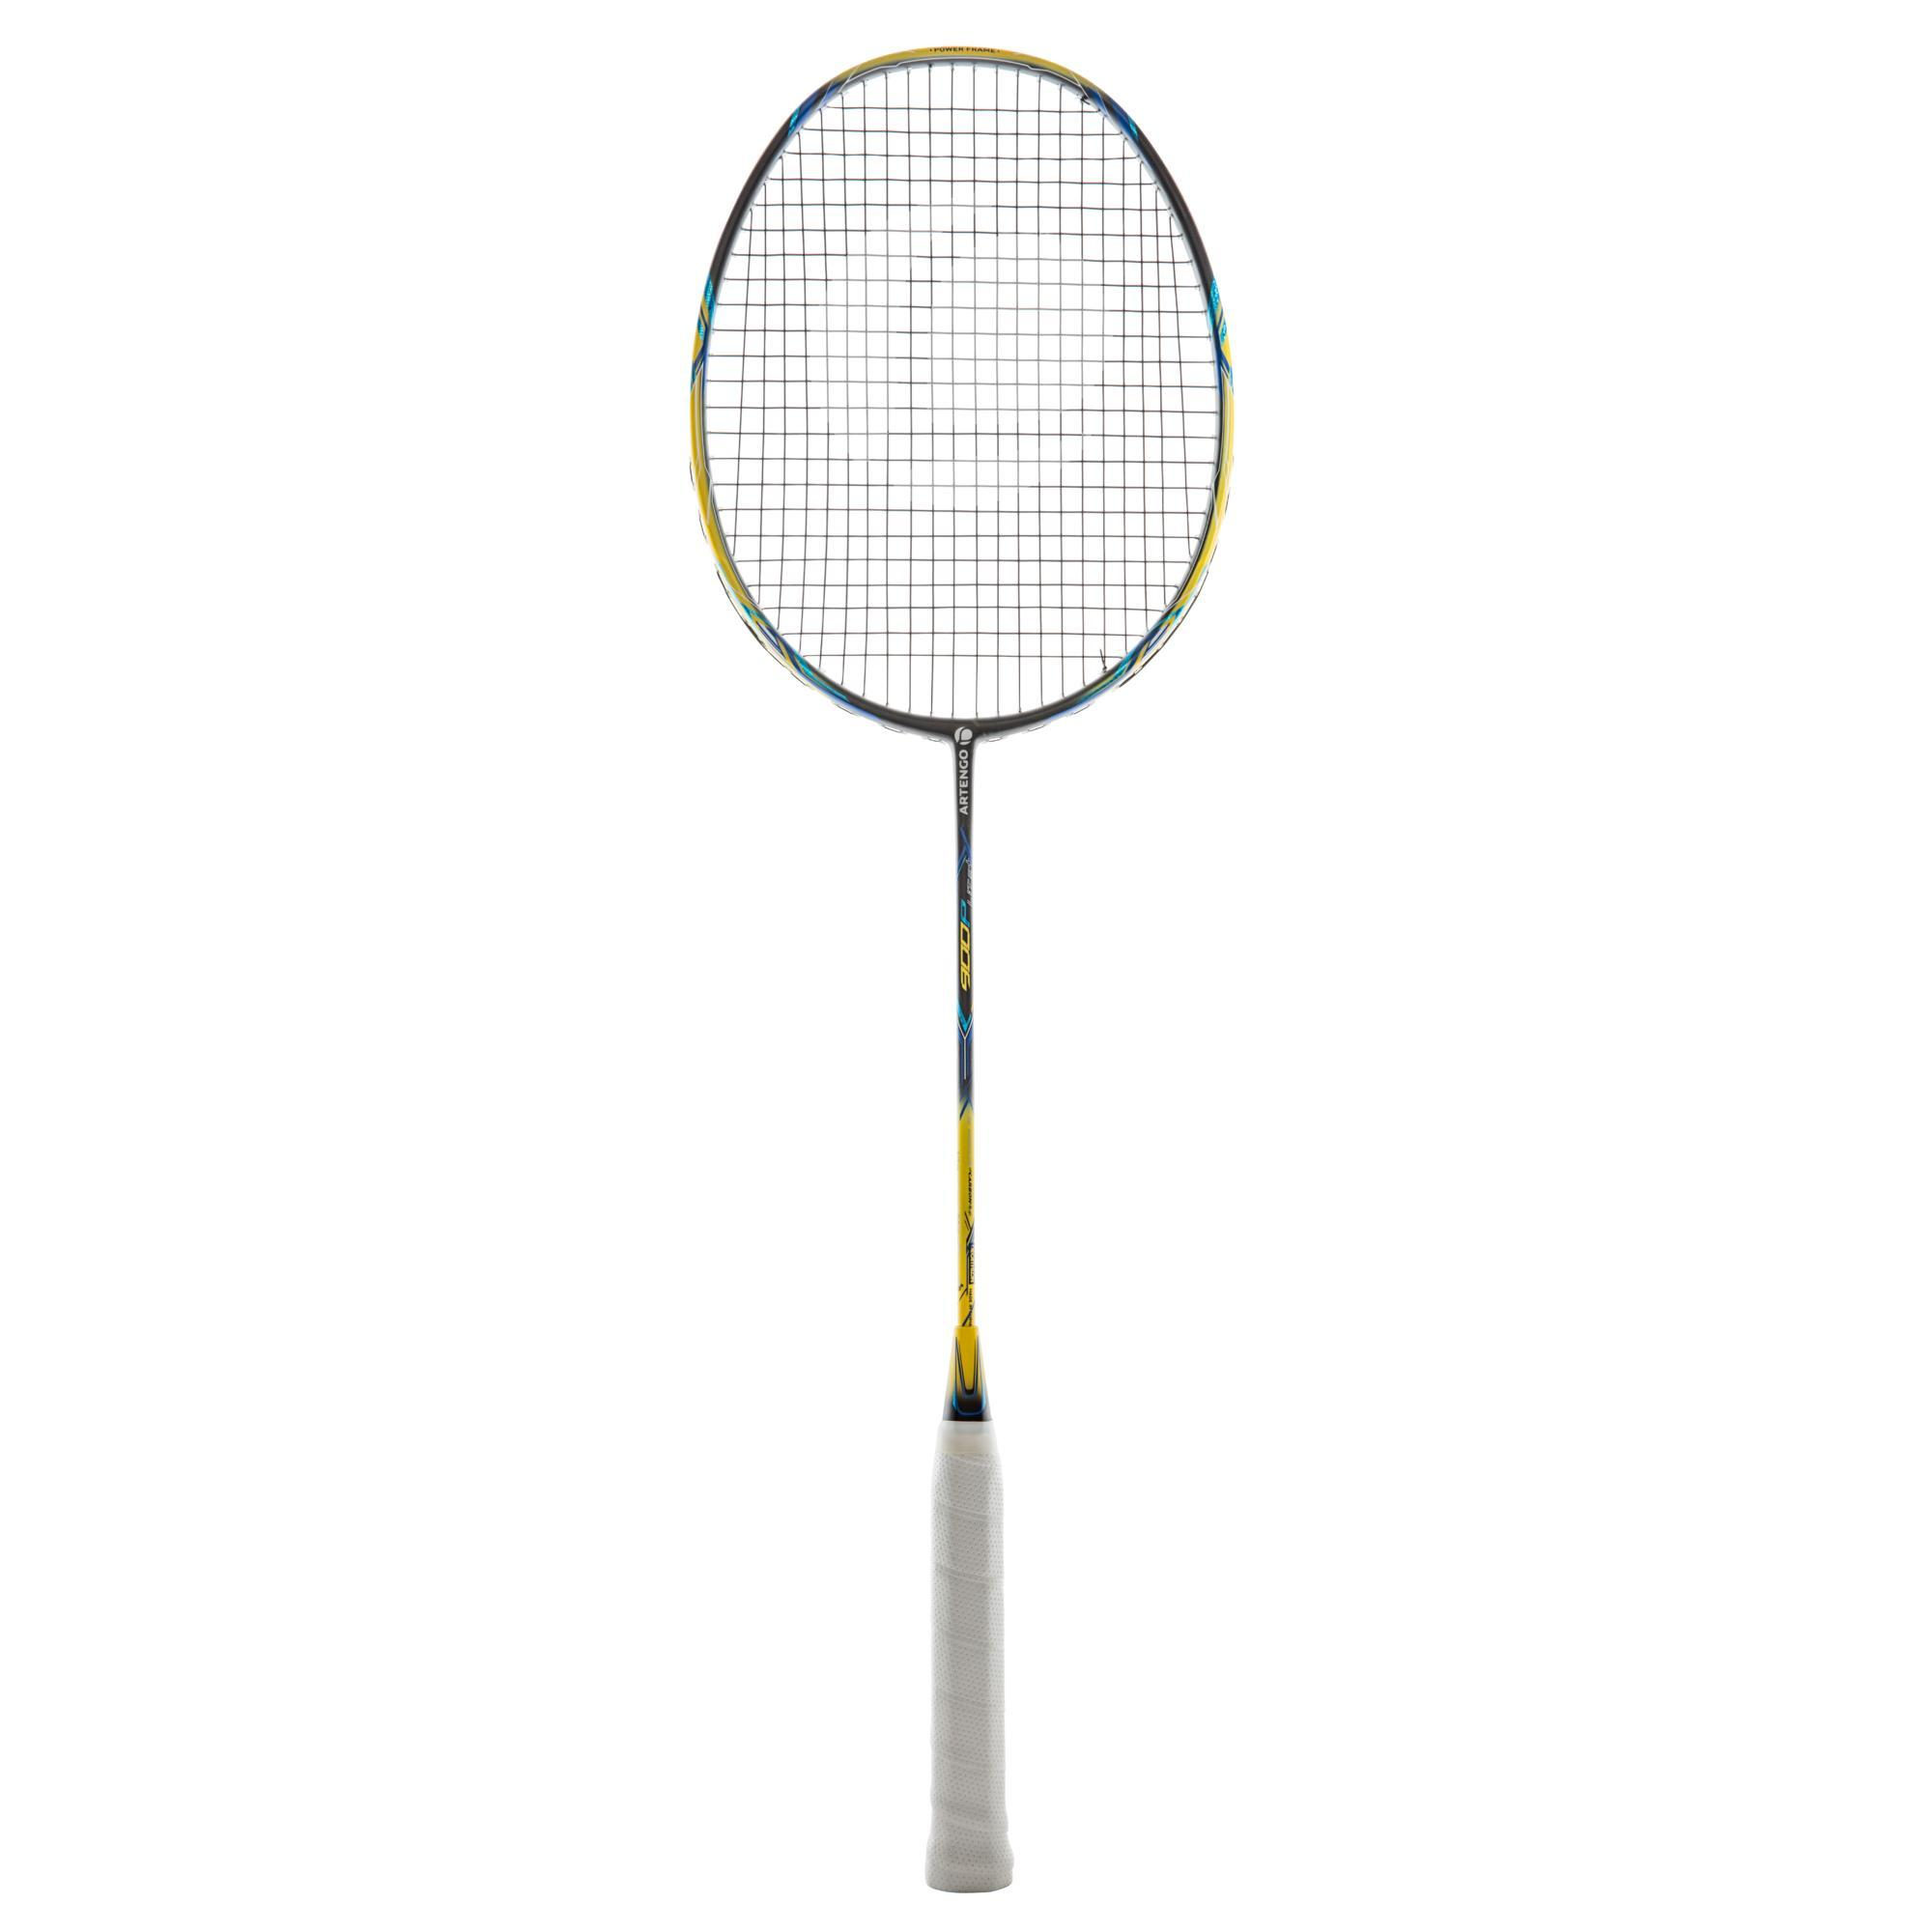 Perfly Badmintonracket BR 900 Ultra Lite P voor volwassenen geel kopen